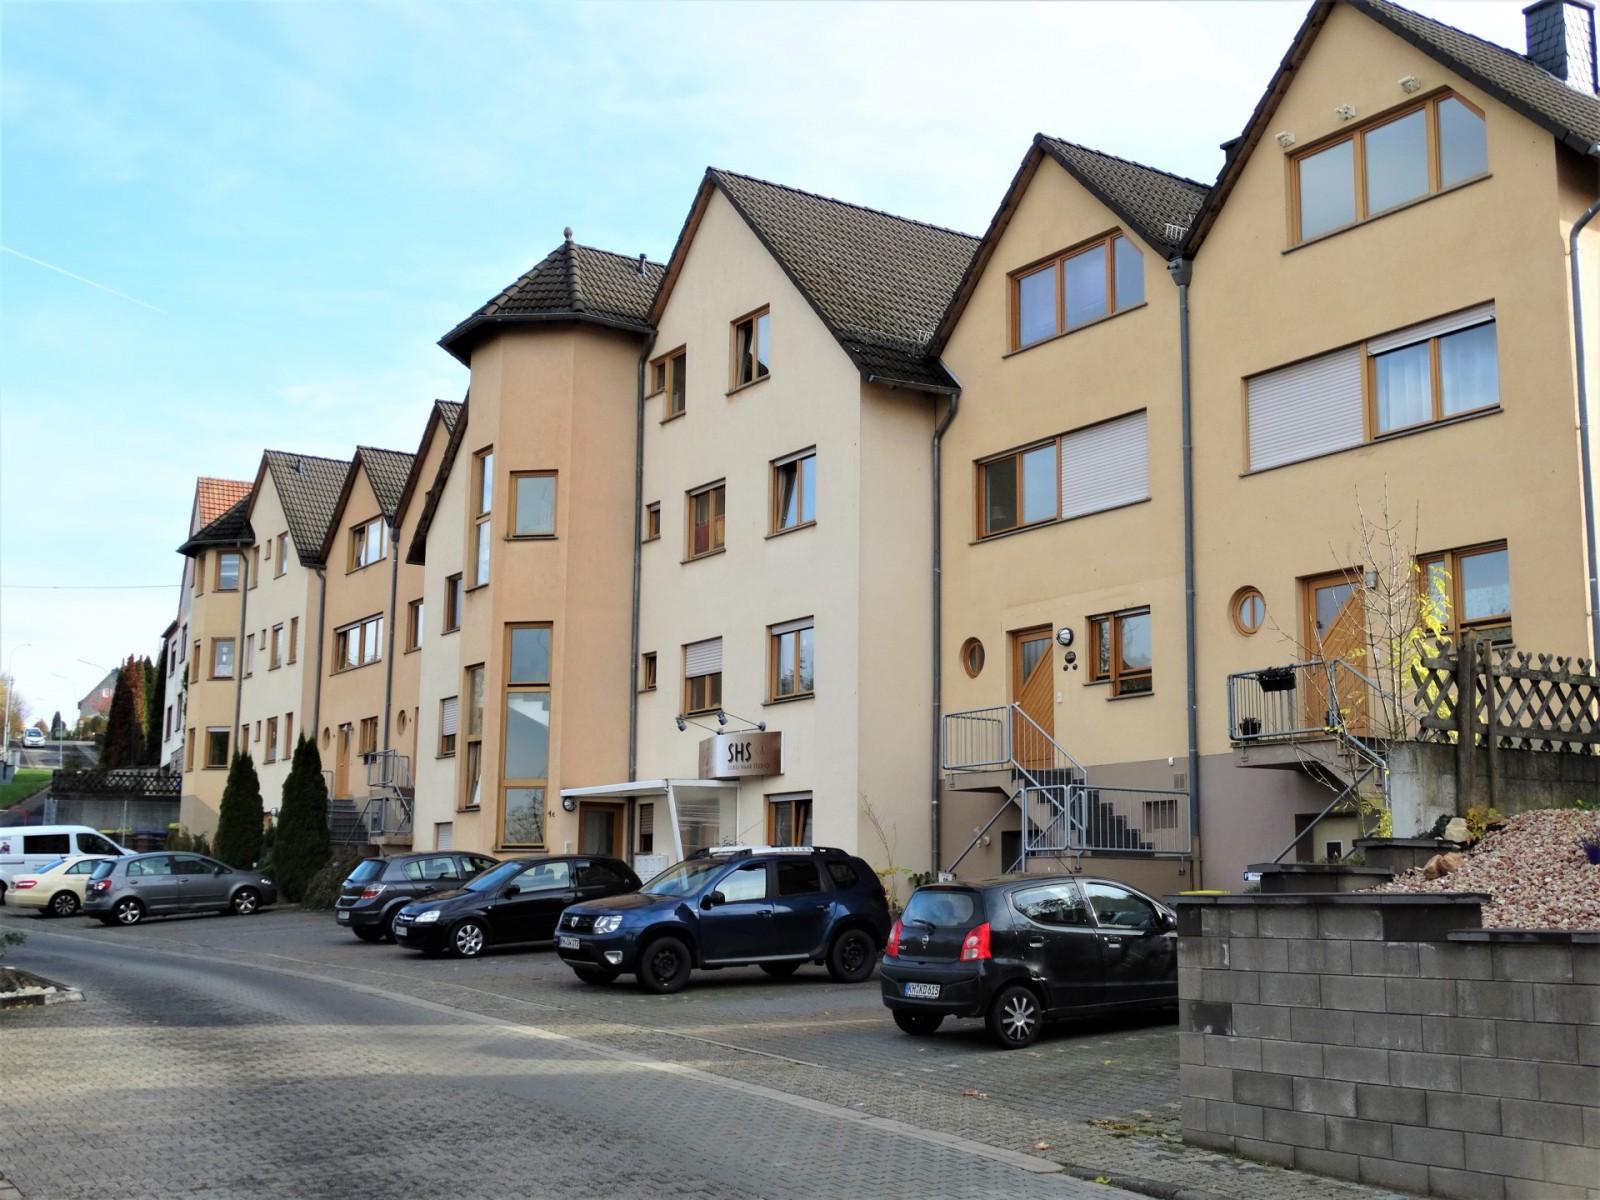 ZTC_Wohn_Geschaeftshaus_1920x1440